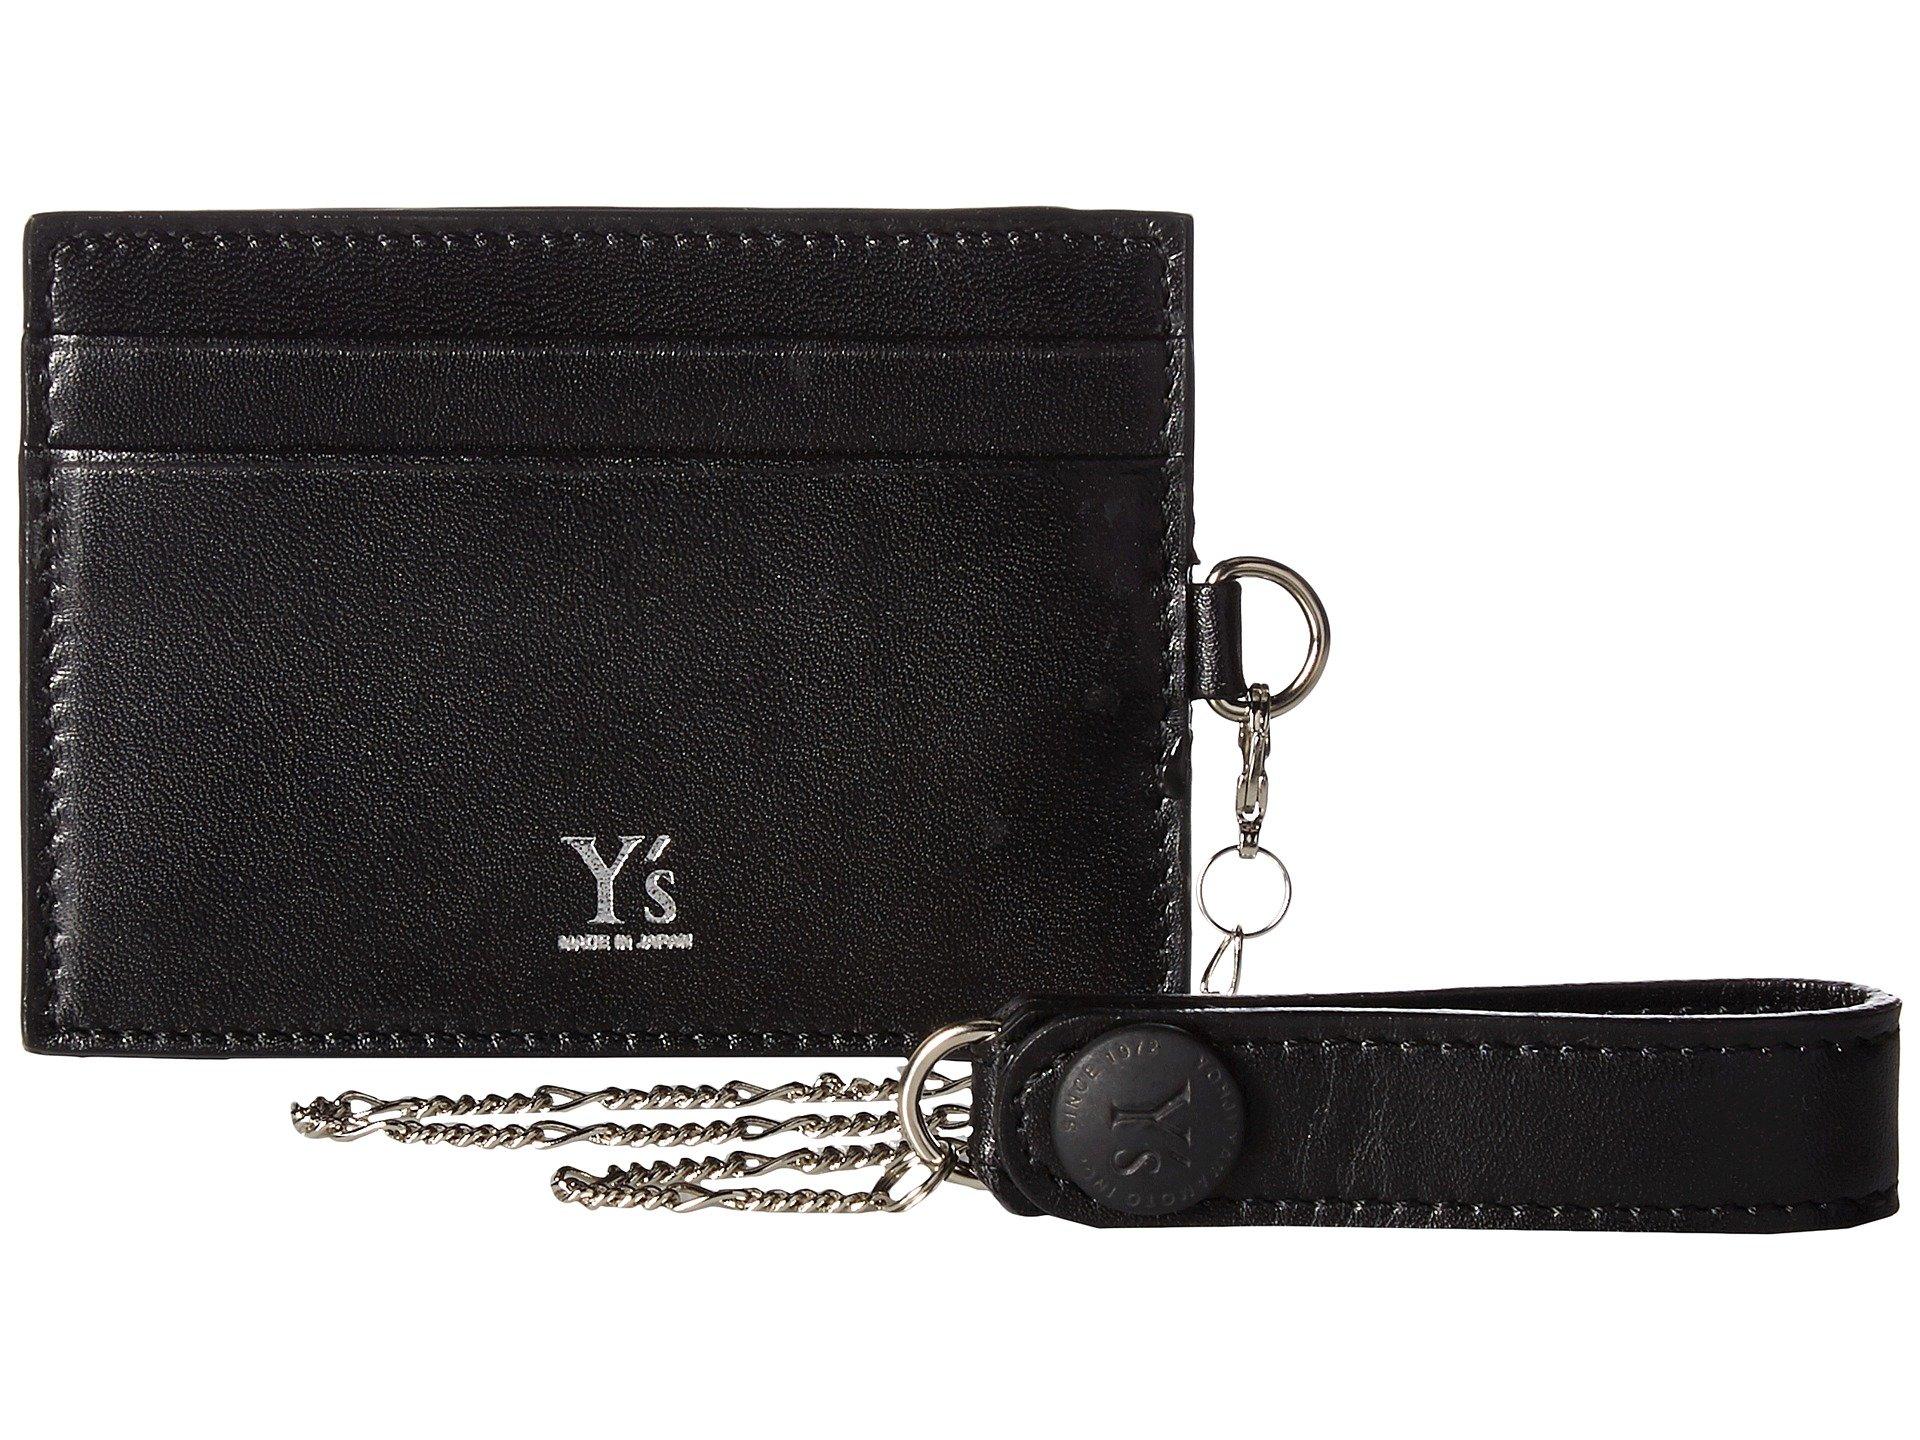 Monedero para Mujer Yand#39;s by Yohji Yamamoto Card Case w/ Chain Strap  +